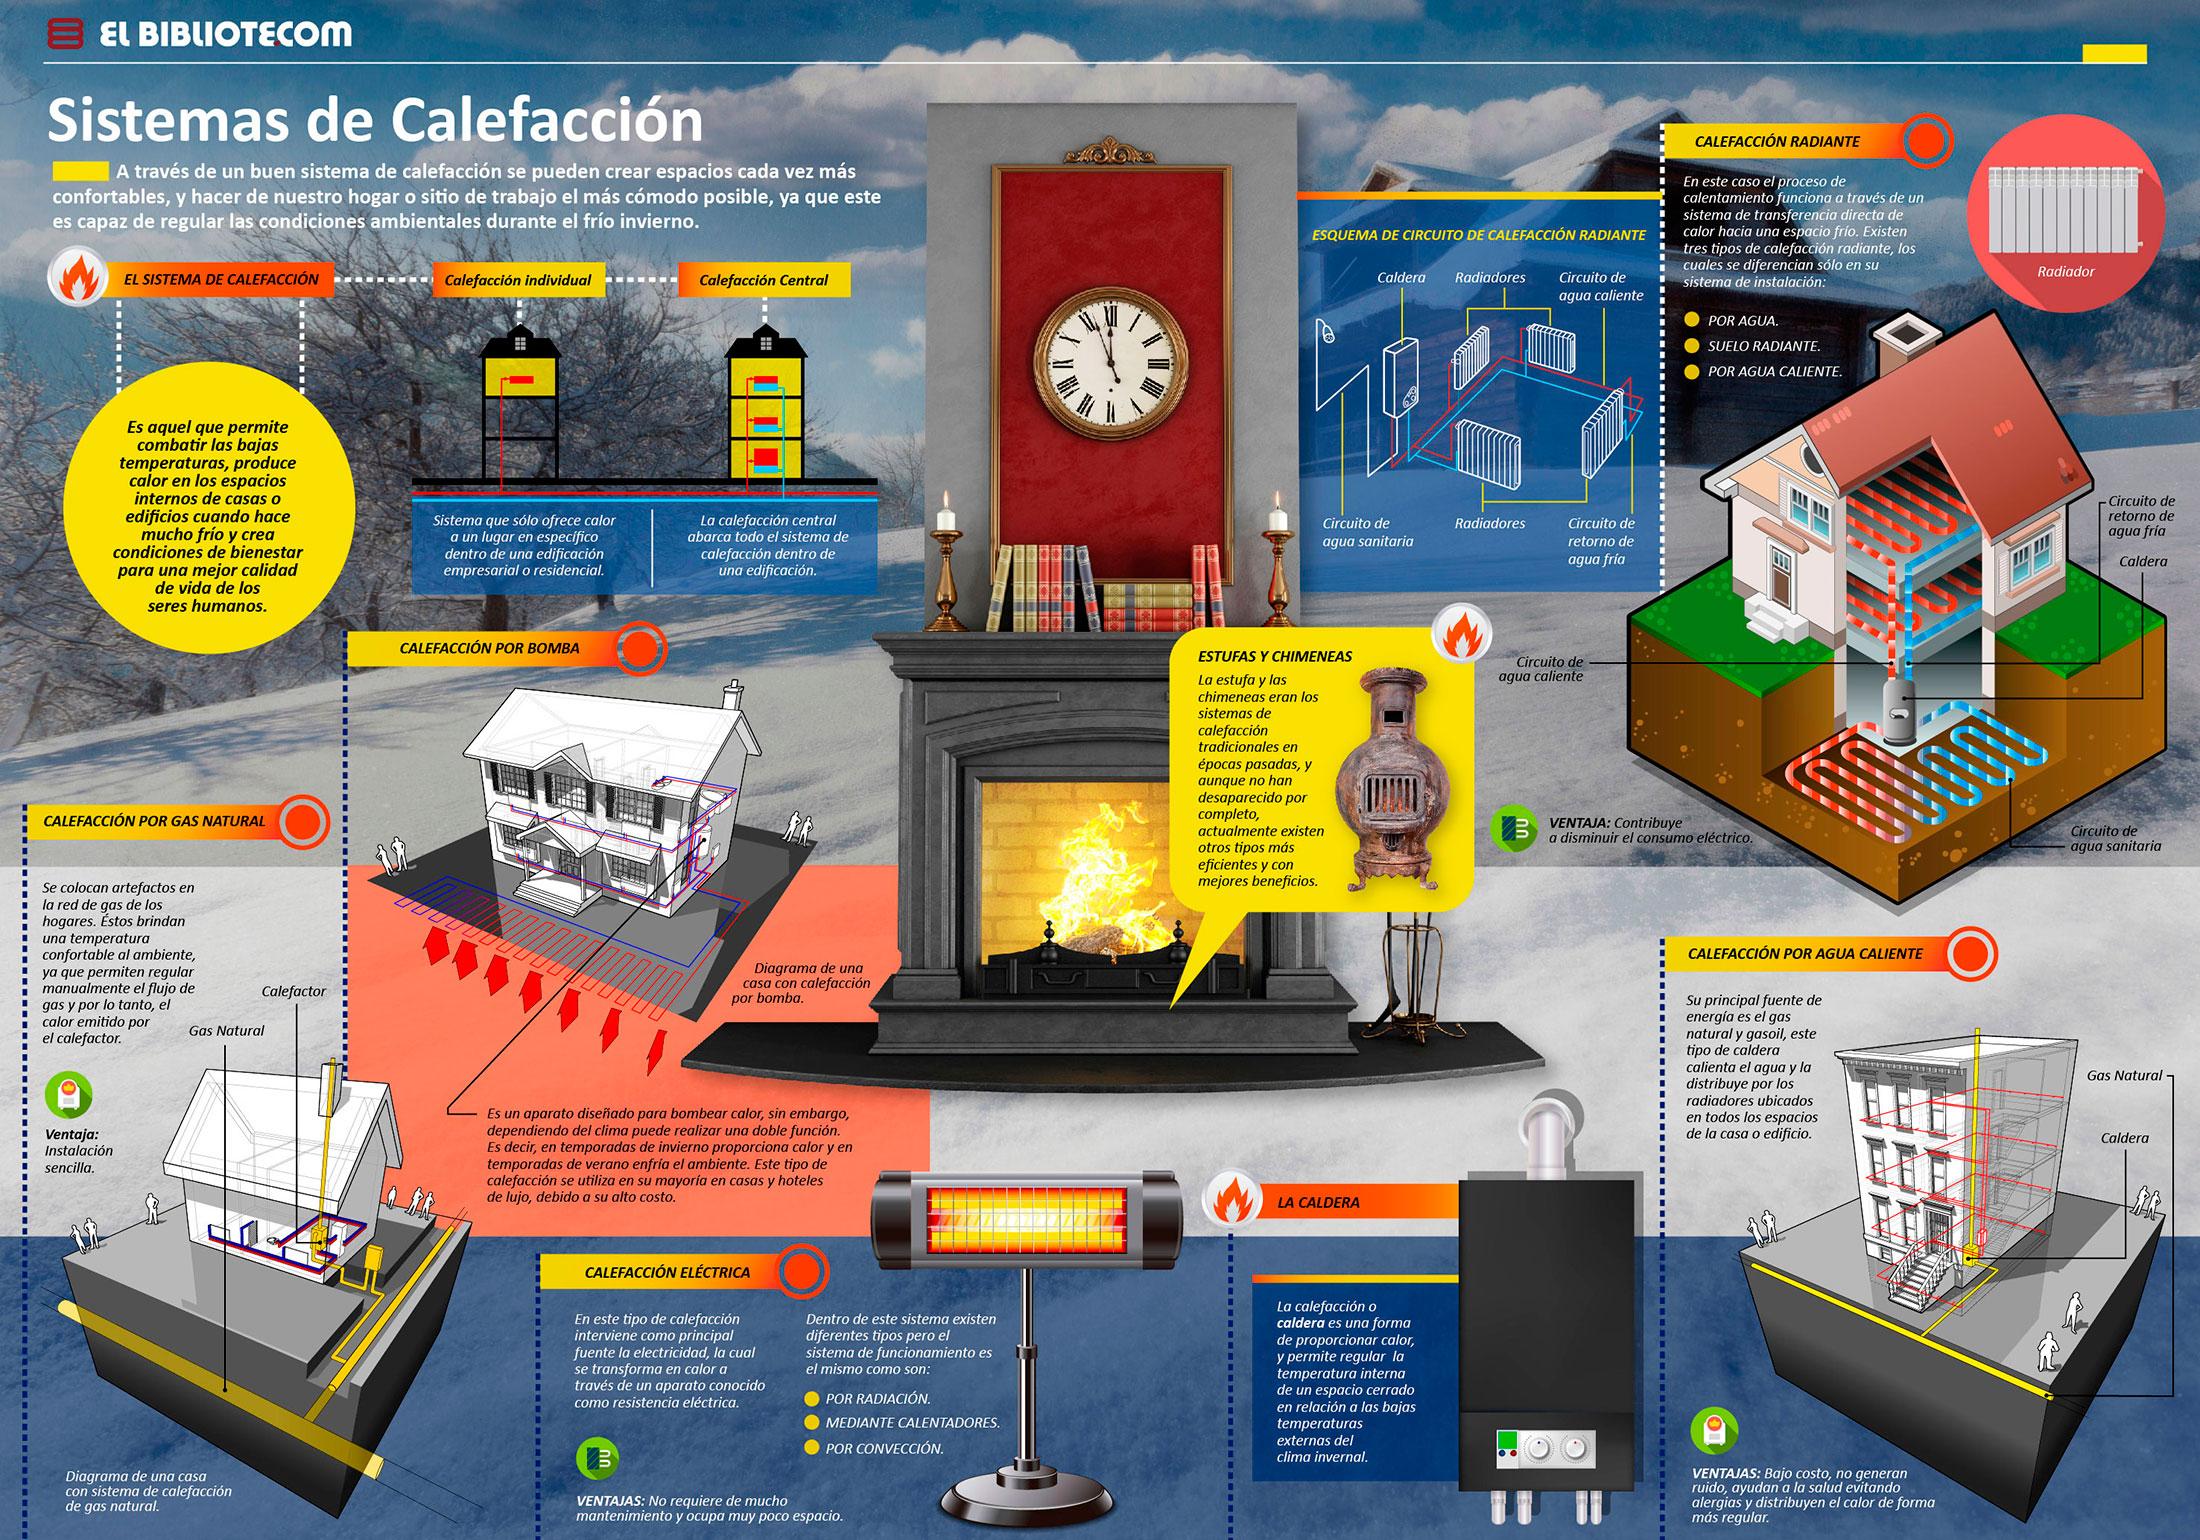 Sistemas calefaccion electrica cheap plano calefaccin - Sistemas de calefaccion electrica ...